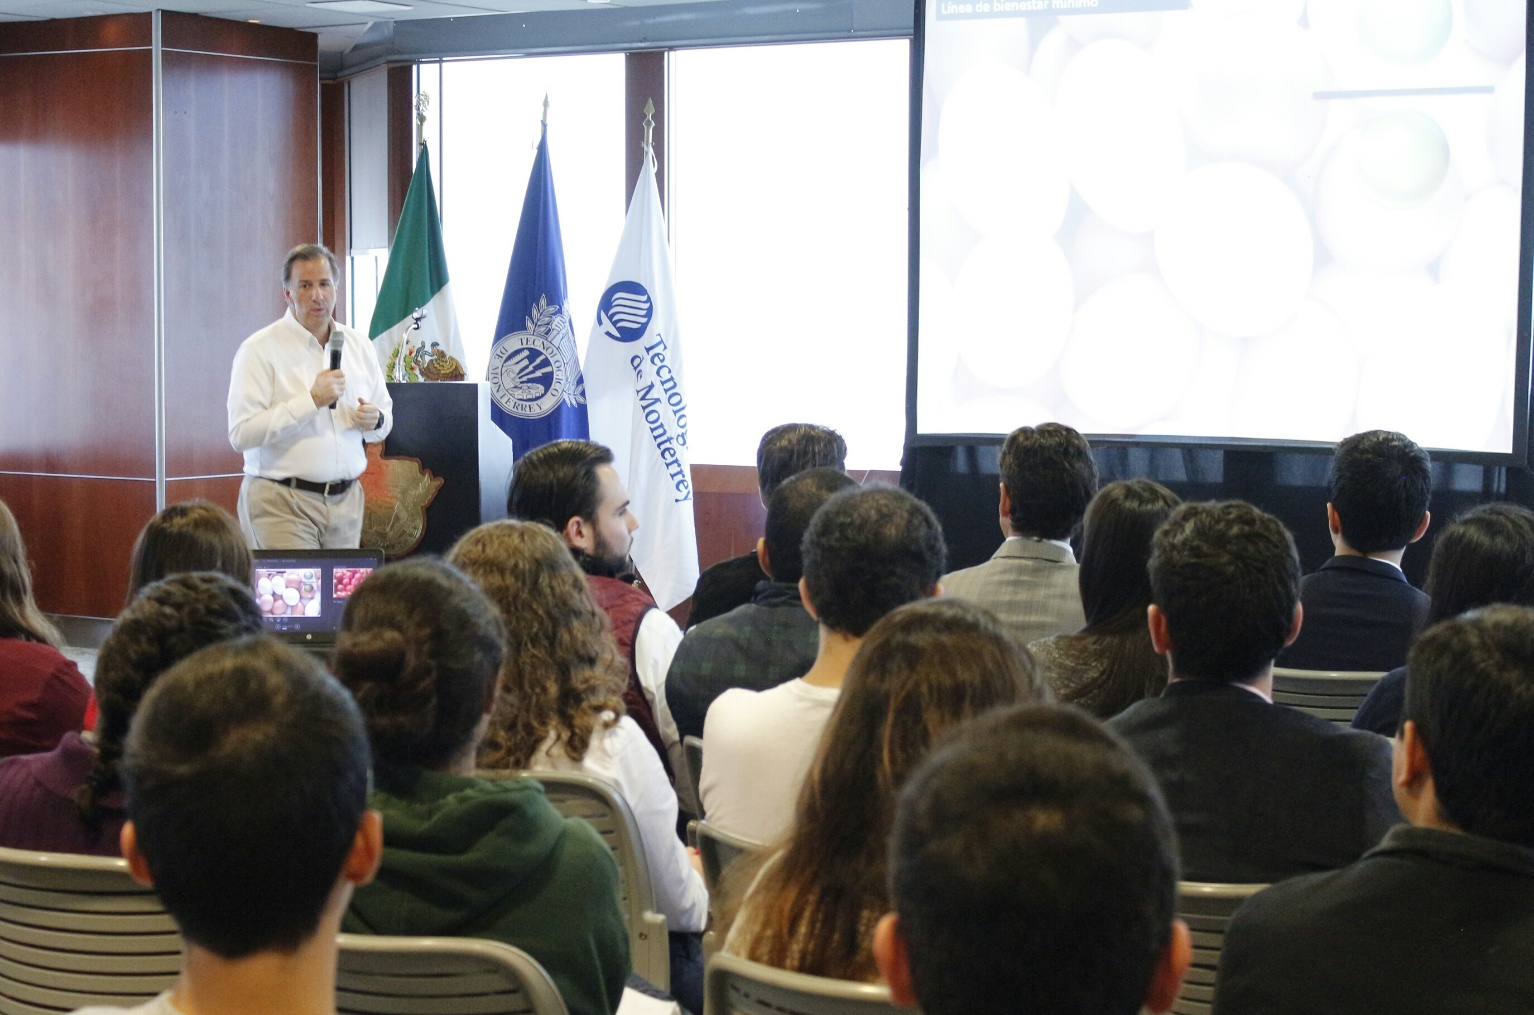 FOTO 1 El secretario Meade intercambi  puntos de vista con universitarios del Tec de Monterrey y de la Universidad Aut noma de Nuevo Le n.jpg